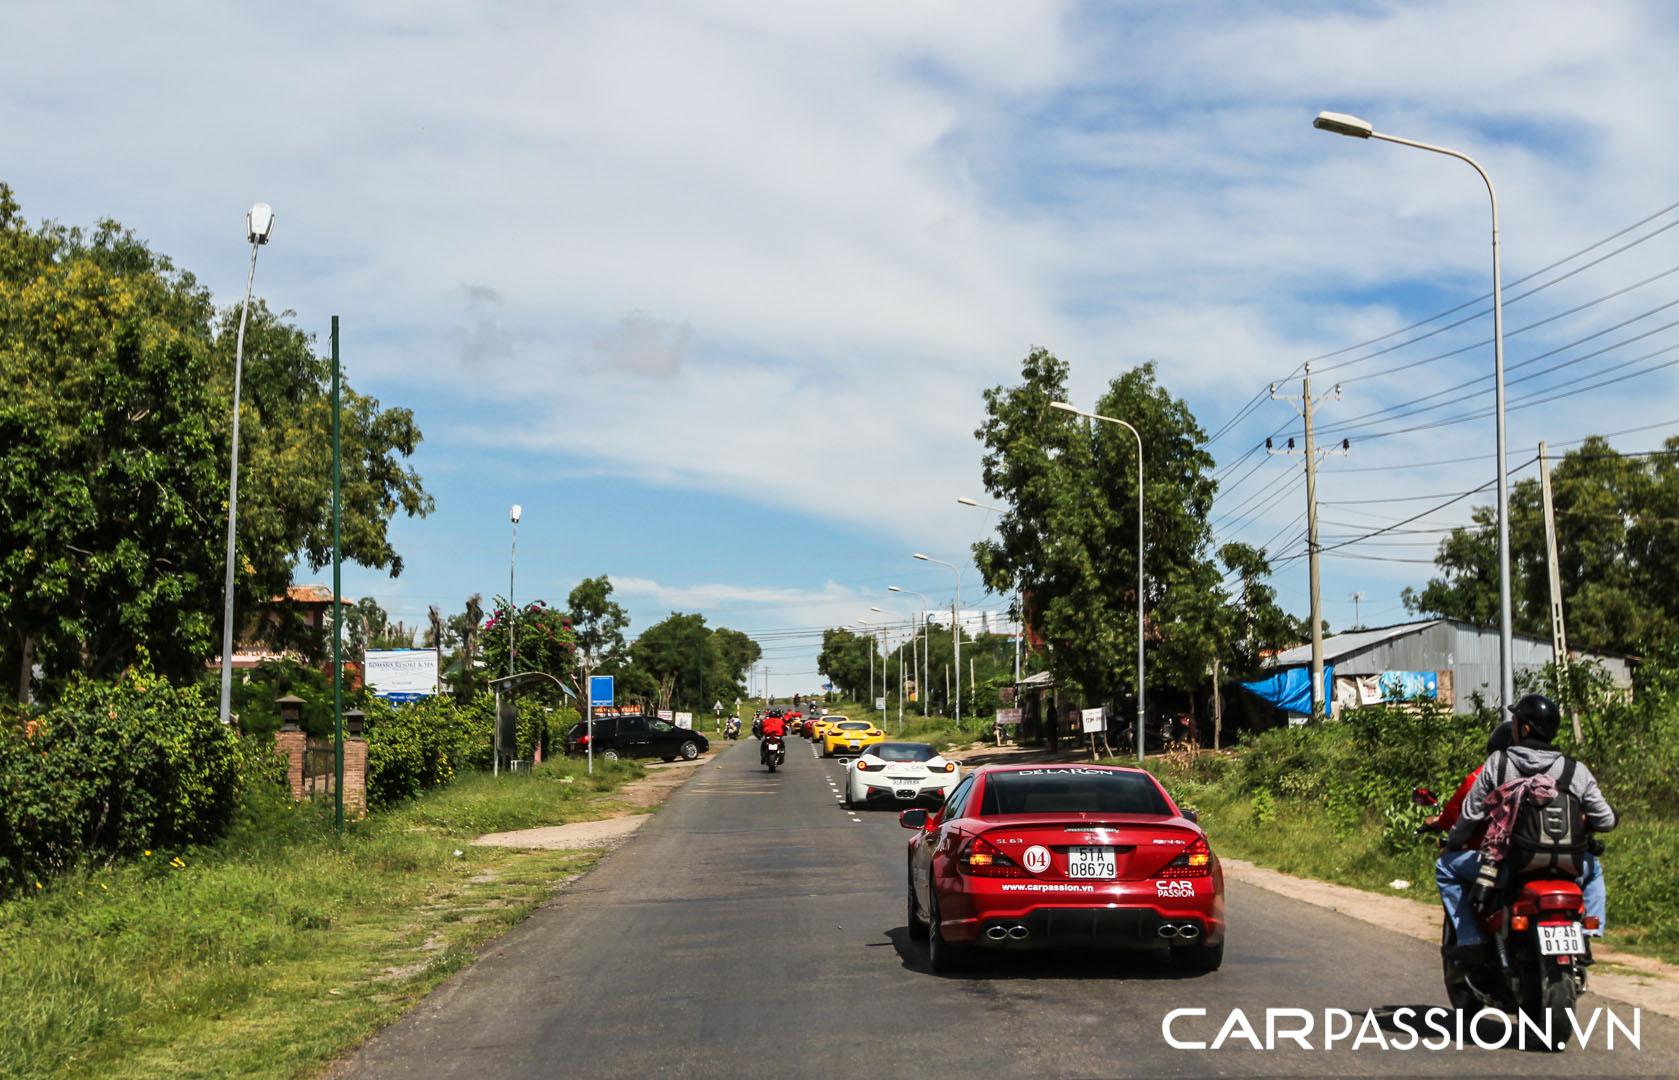 CP-Hành trình siêu xe CarPassion 2011 Day 2 (94).jpg